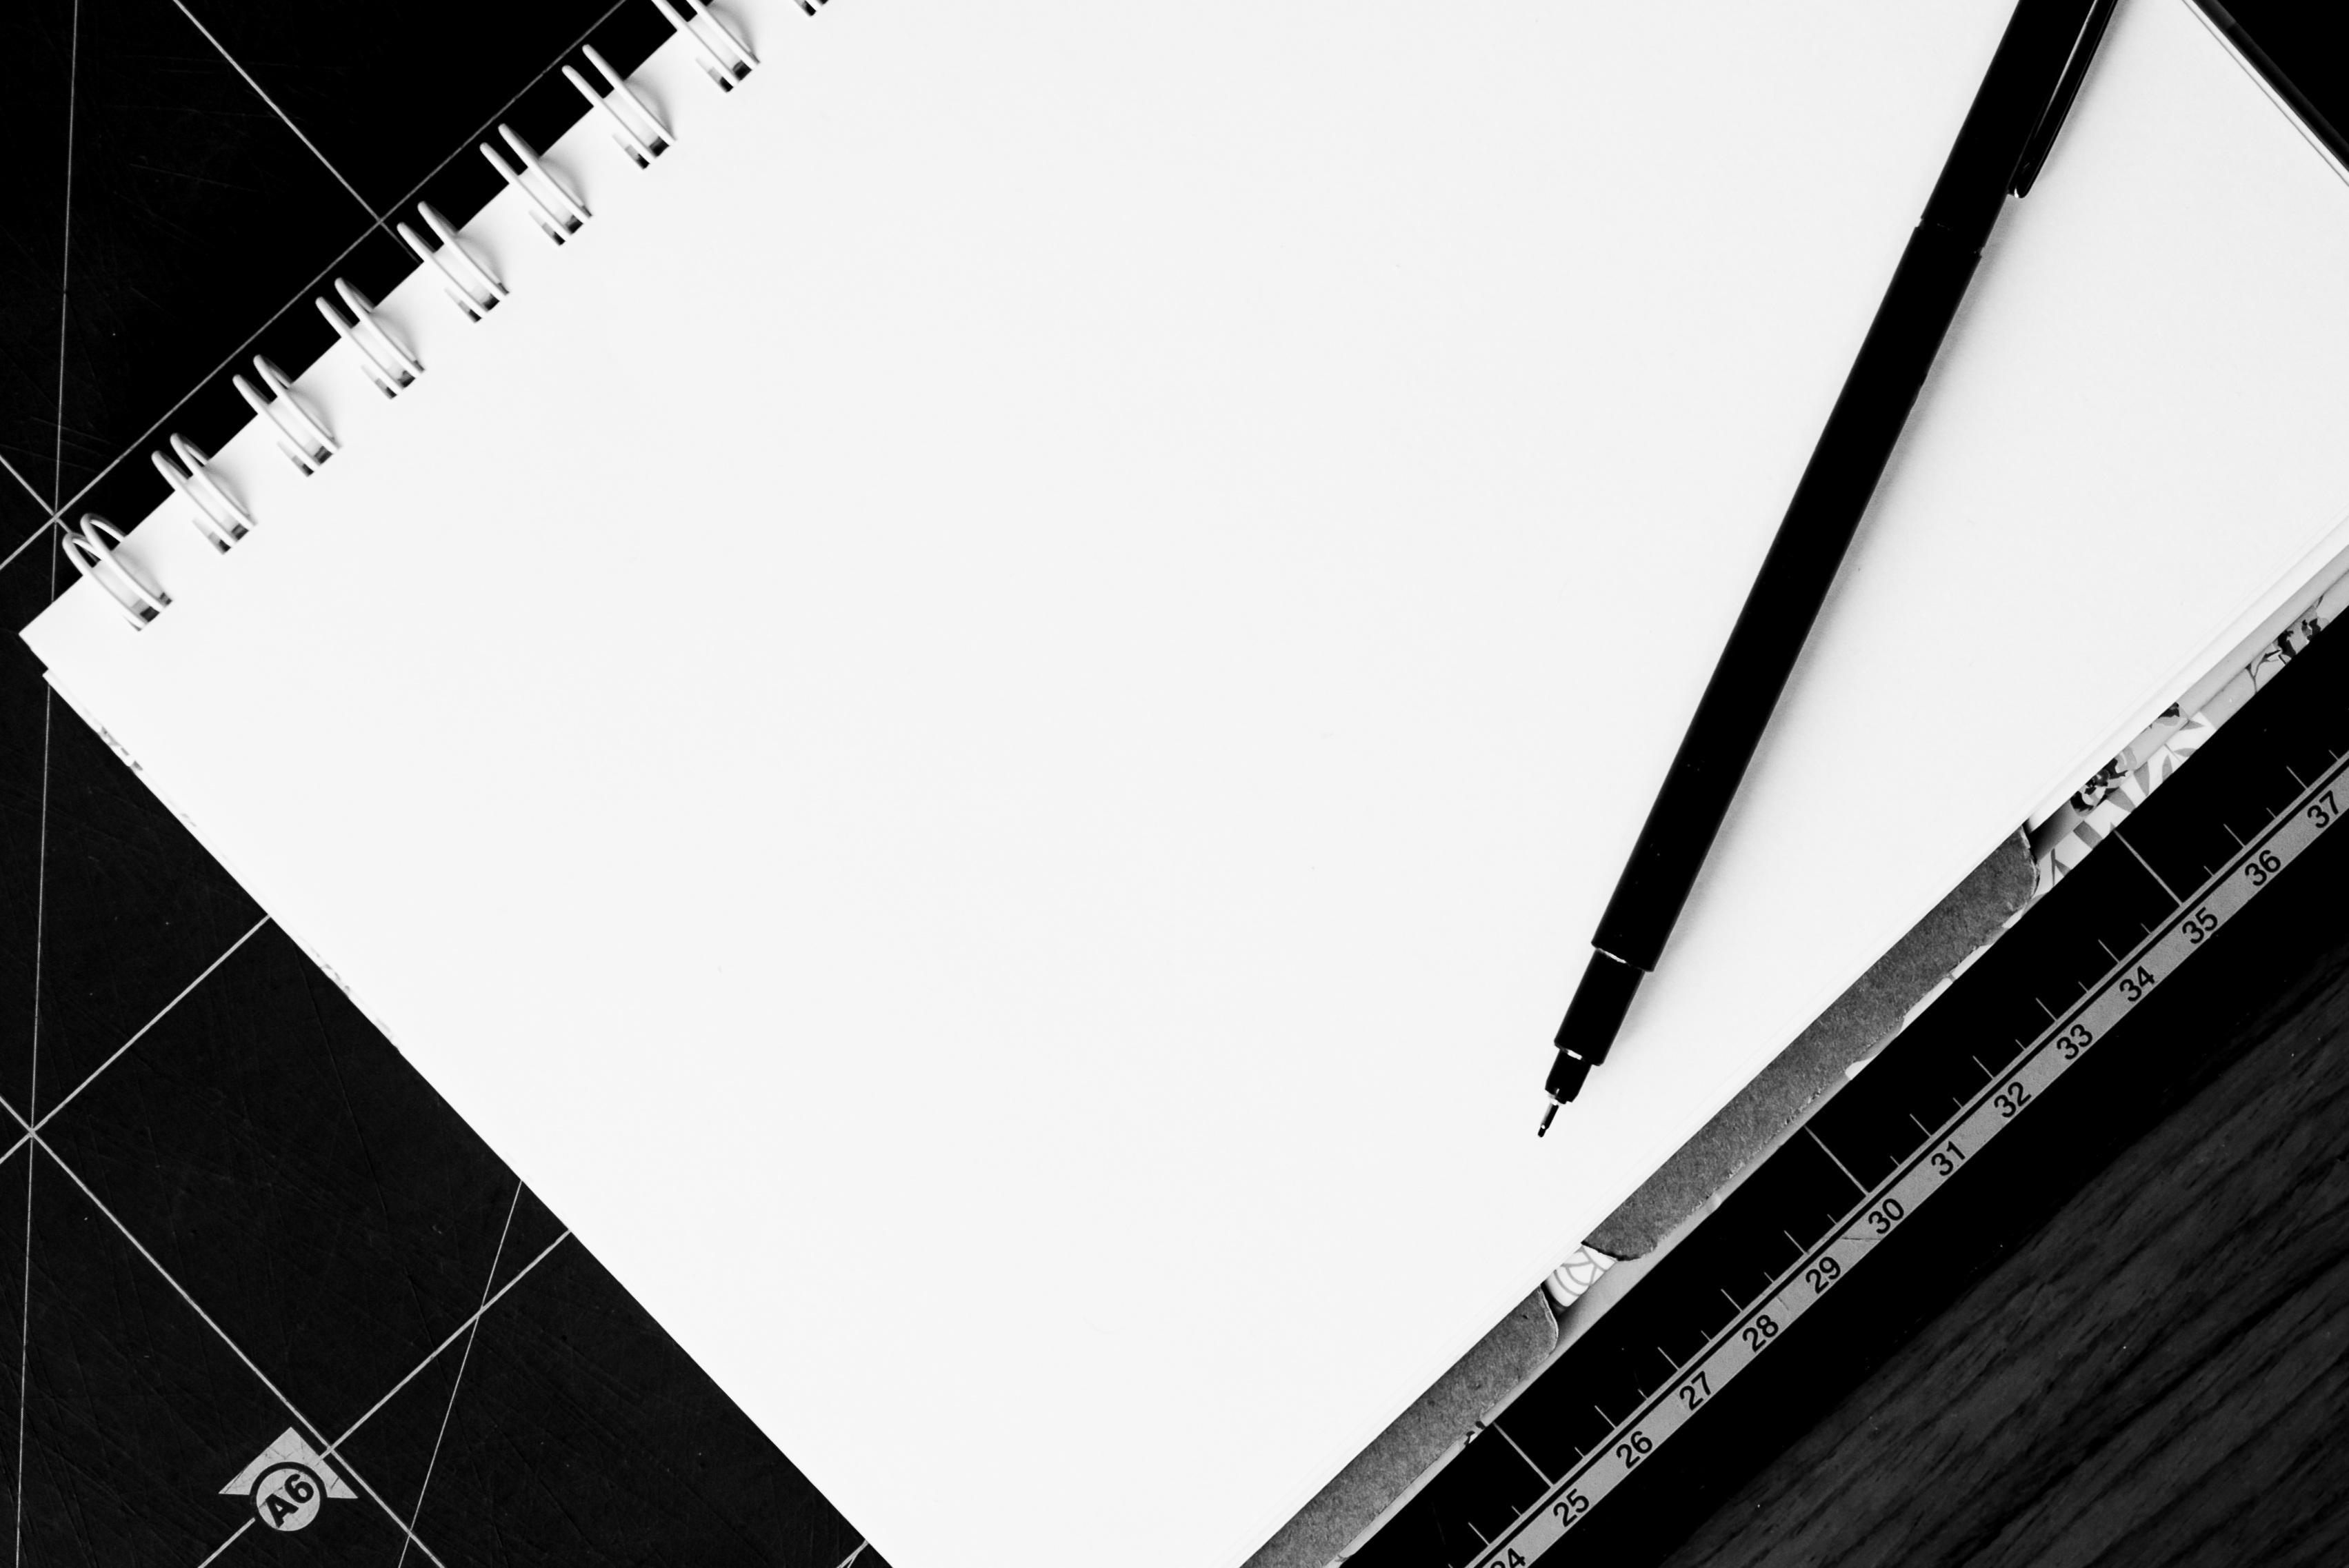 Kostenlose foto : Schreibtisch, Notizbuch, Tabelle, Buch, Bleistift ...